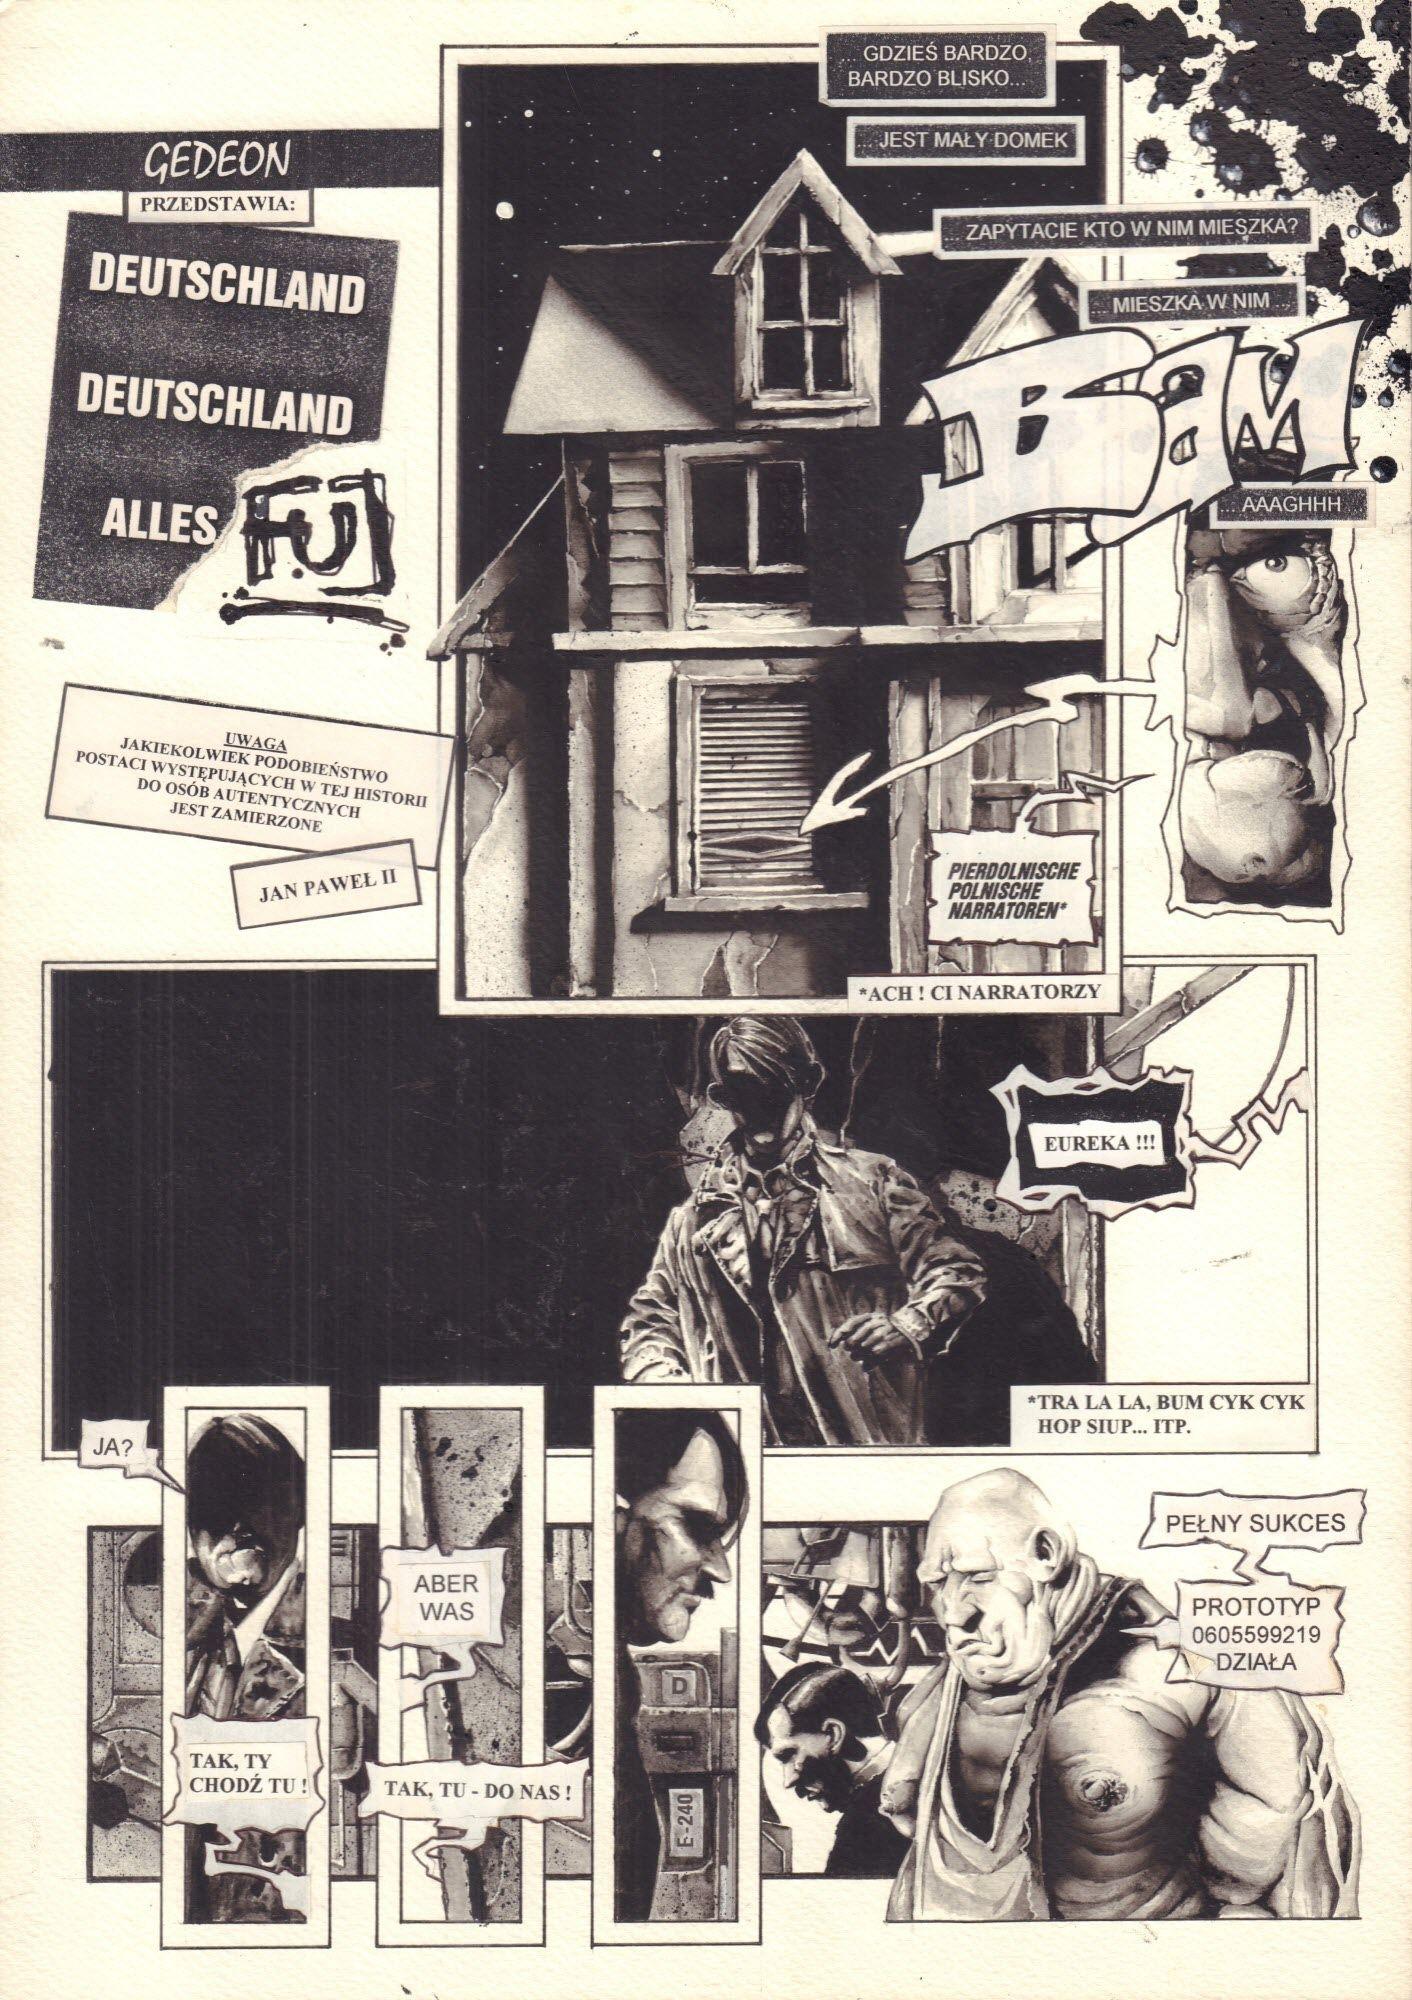 Deutschland, Deutschland Alles Fuj, s. 1